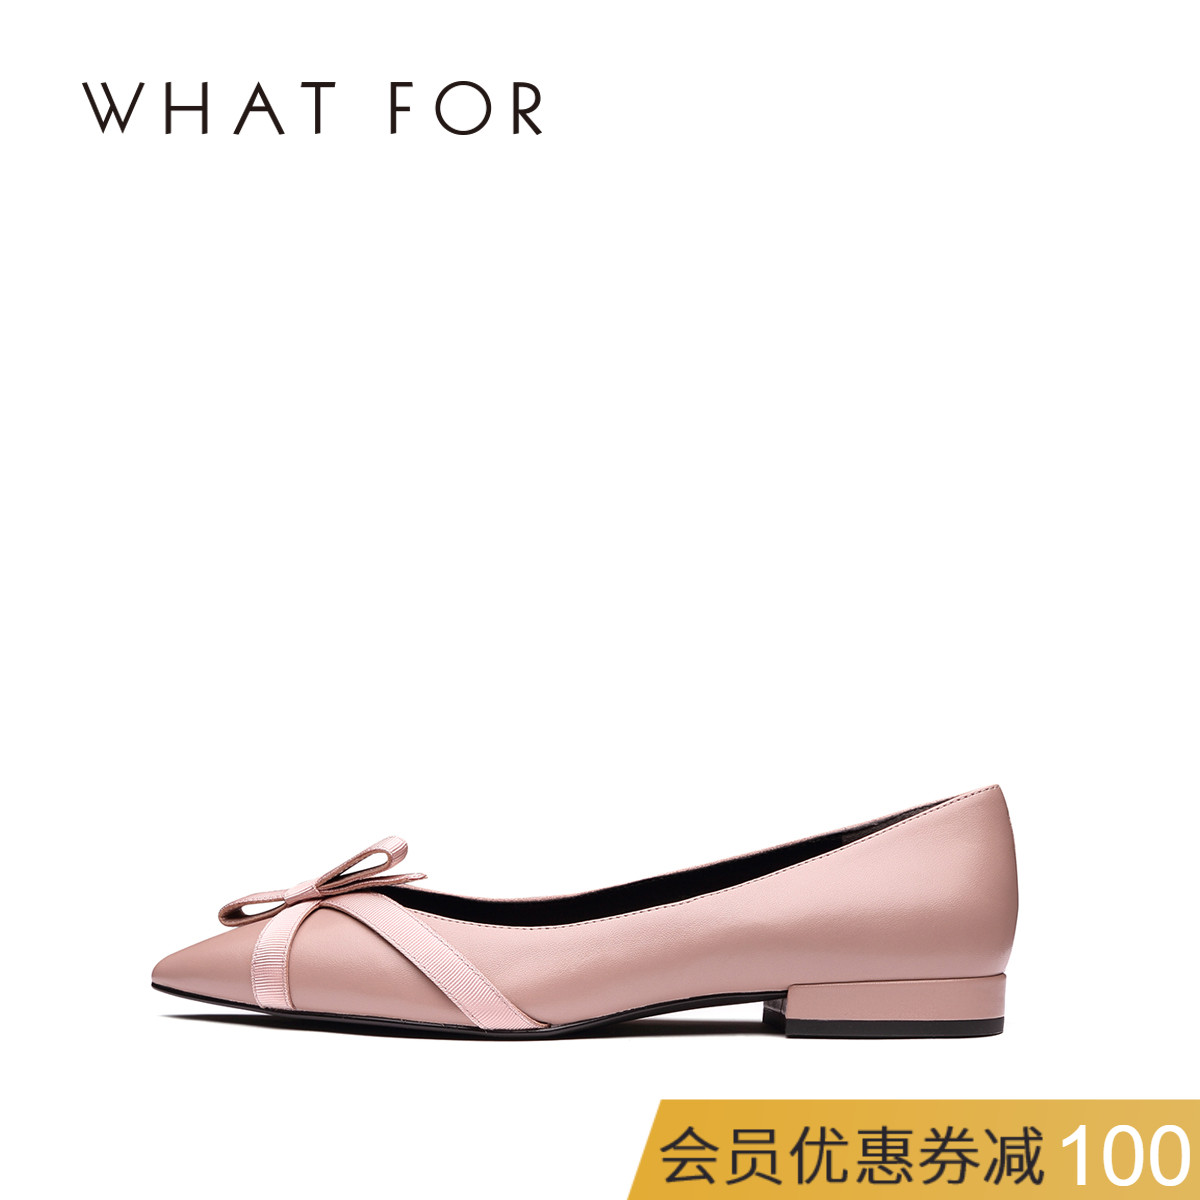 WHAT FOR2018秋季新款羊皮蝴蝶结简约浅口尖头低跟平底鞋女单鞋